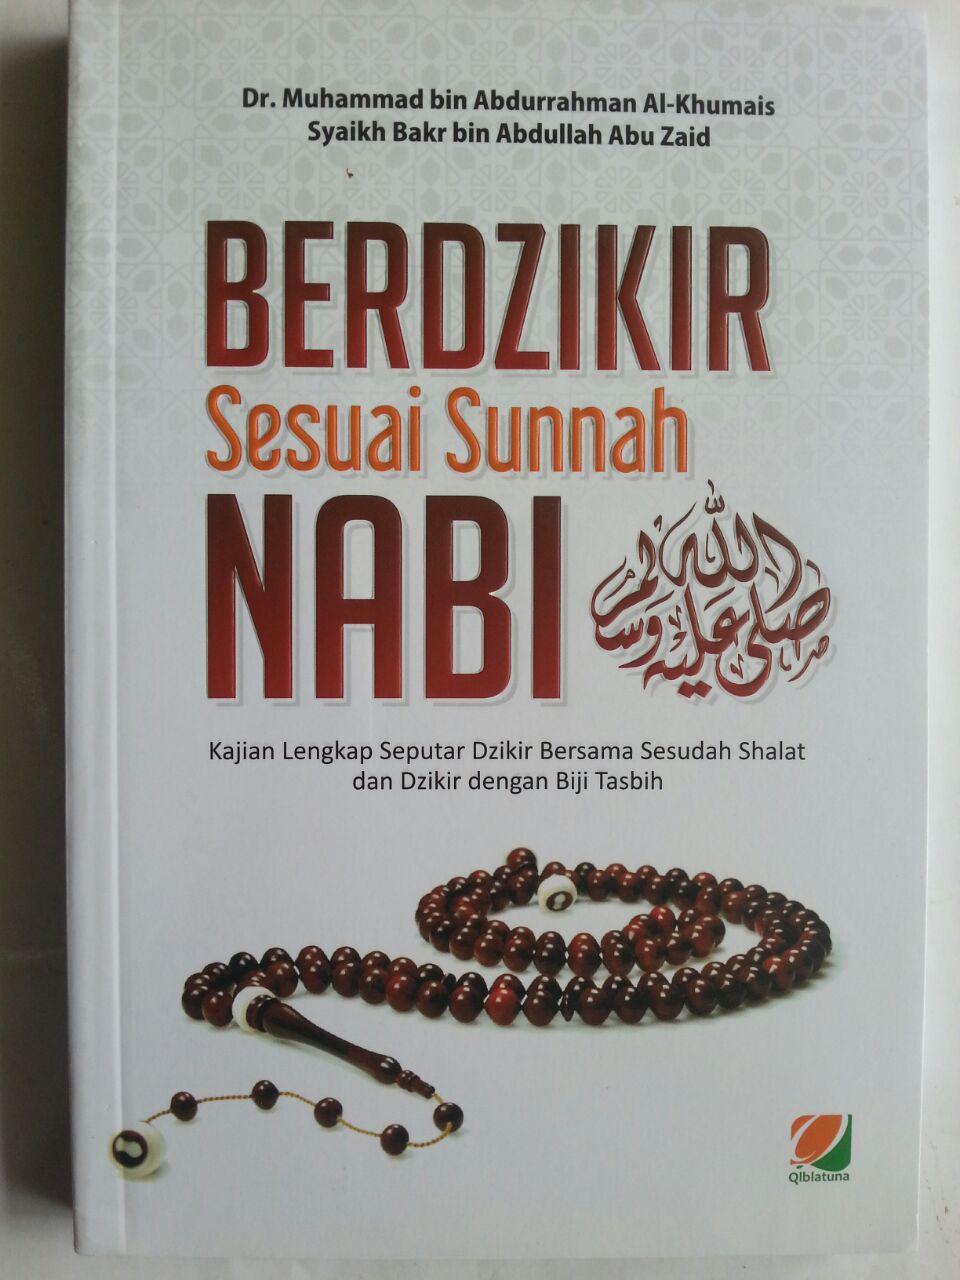 Buku Berdzikir Sesuai Sunnah Nabi Kajian Lengkap Seputar Dzikir Bersama cover 2